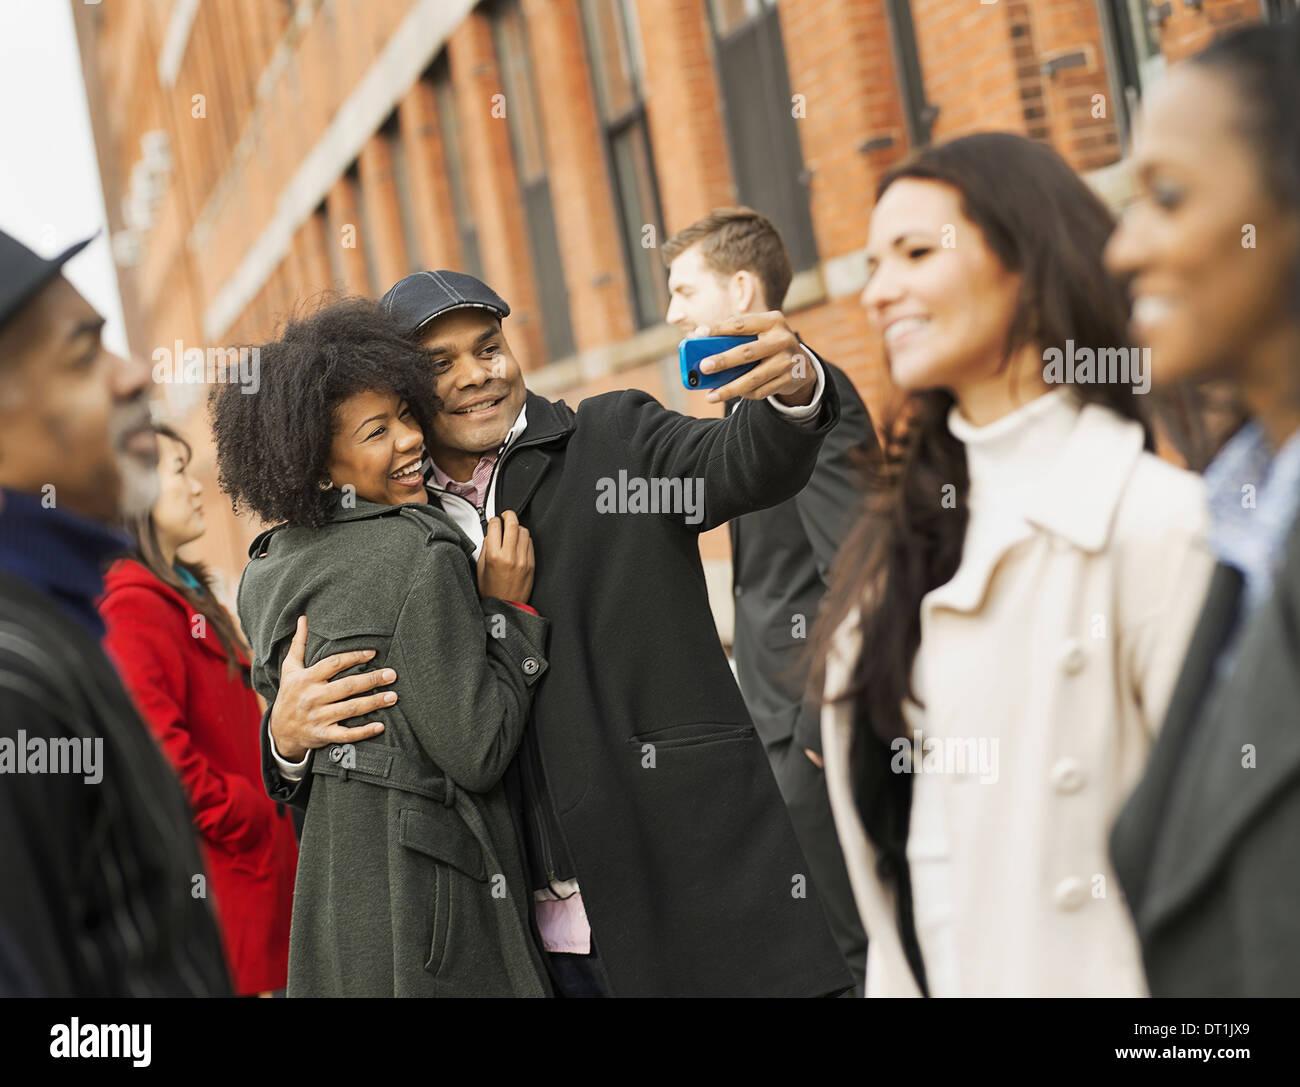 Un uomo con un telefono con fotocamera e scattare foto di gruppo baciare una giovane donna le donne e gli uomini Immagini Stock